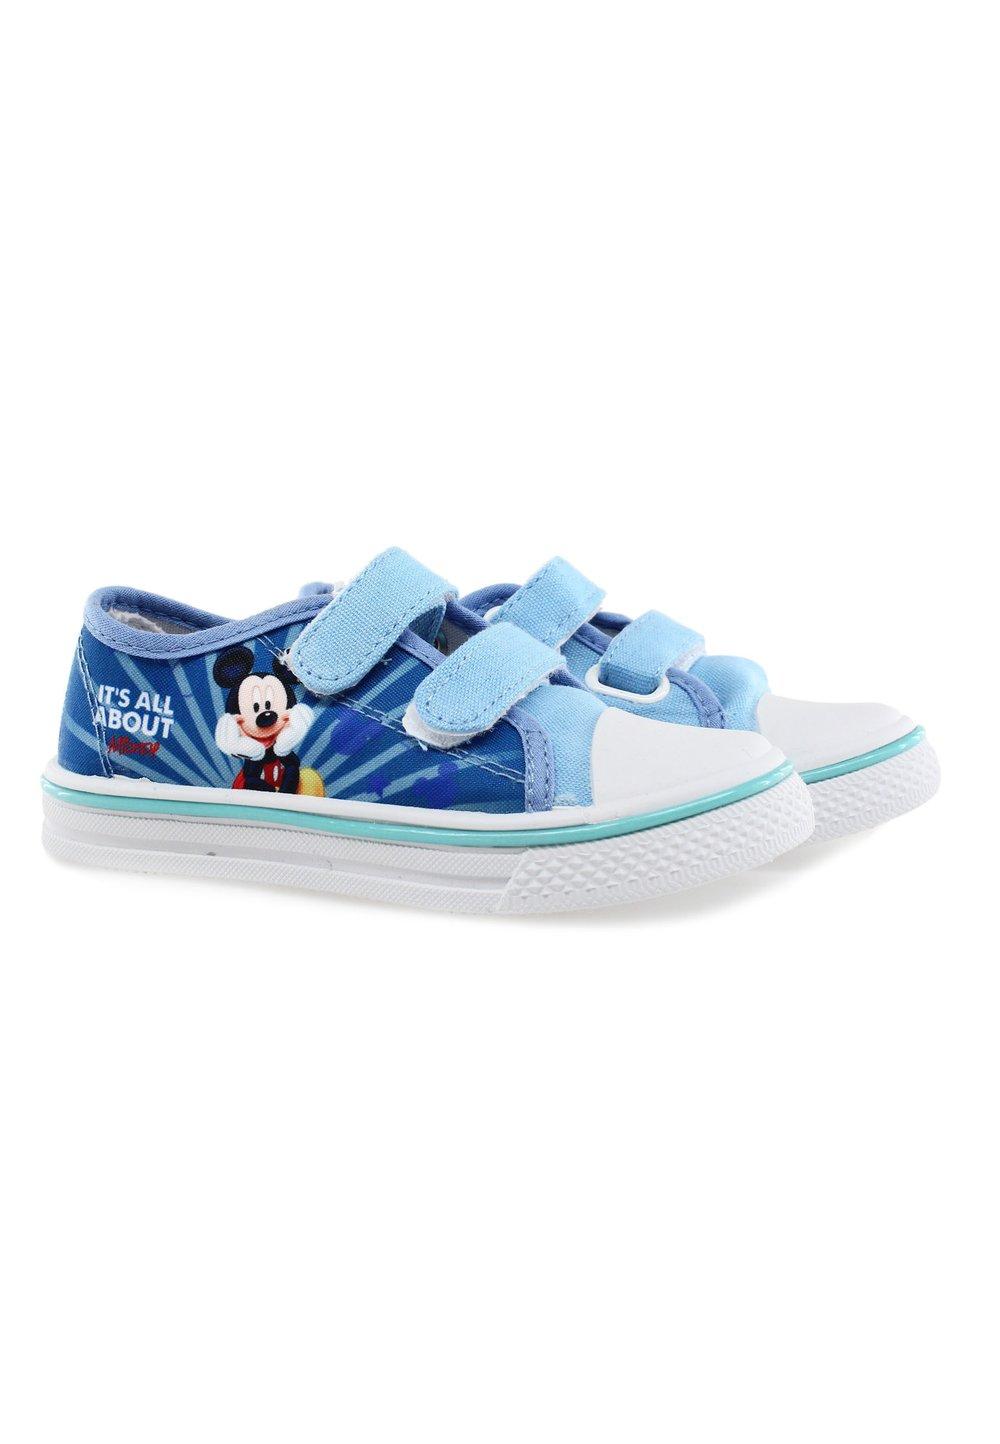 Tenisi cu scai, All about Mickey, albastru deschis imagine